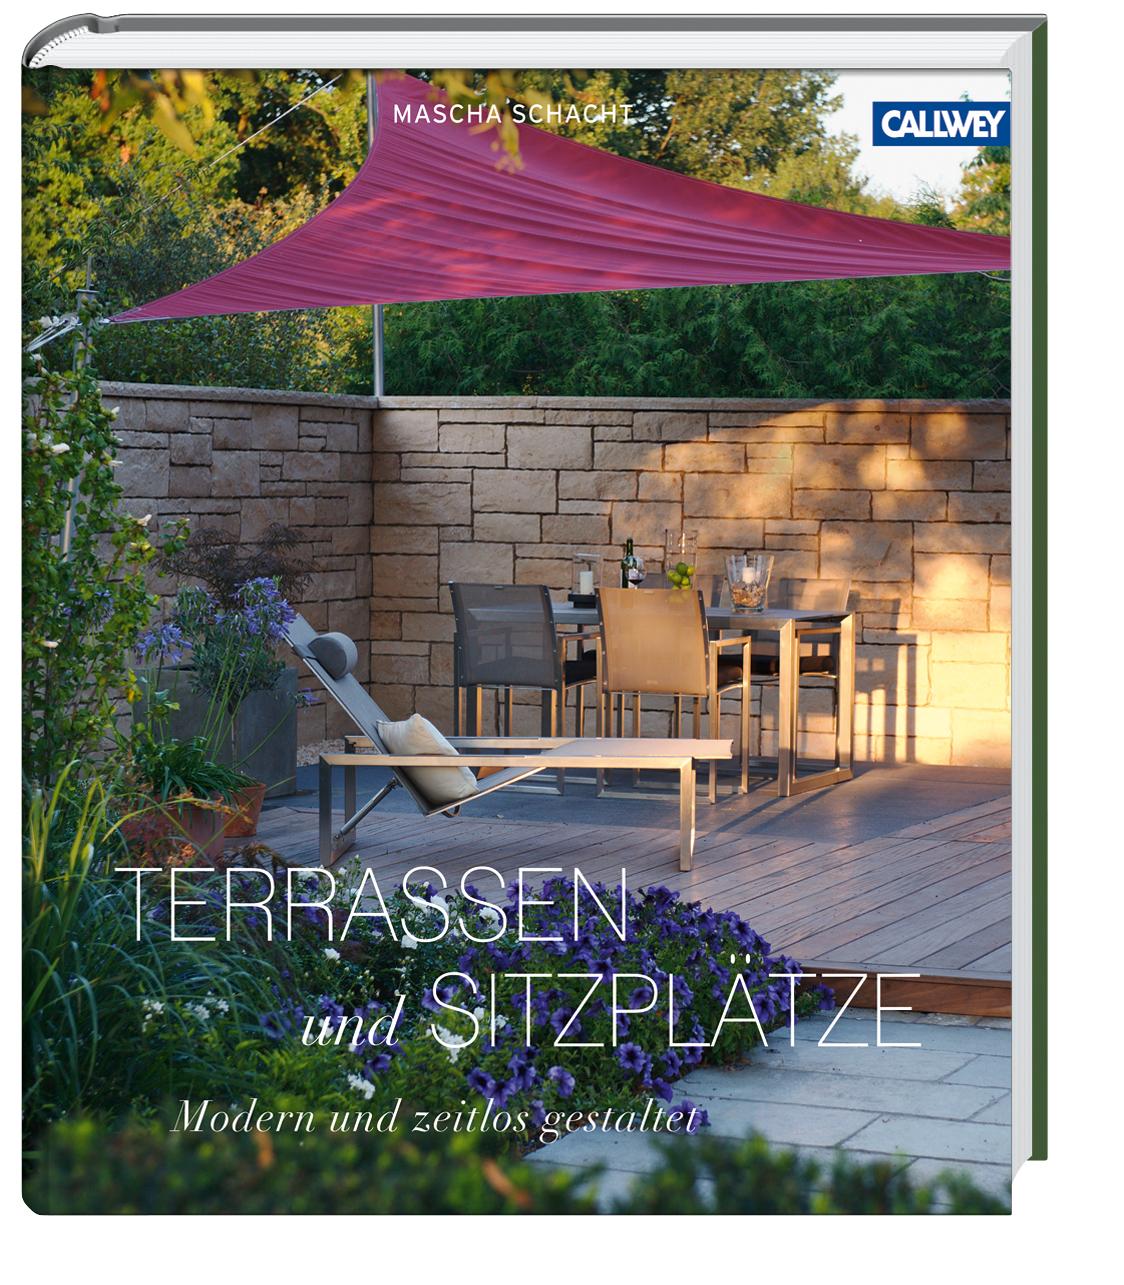 Terrassen und sitzpl tze modern und zeitlos gartenbuch - Sitzplatze garten bilder ...